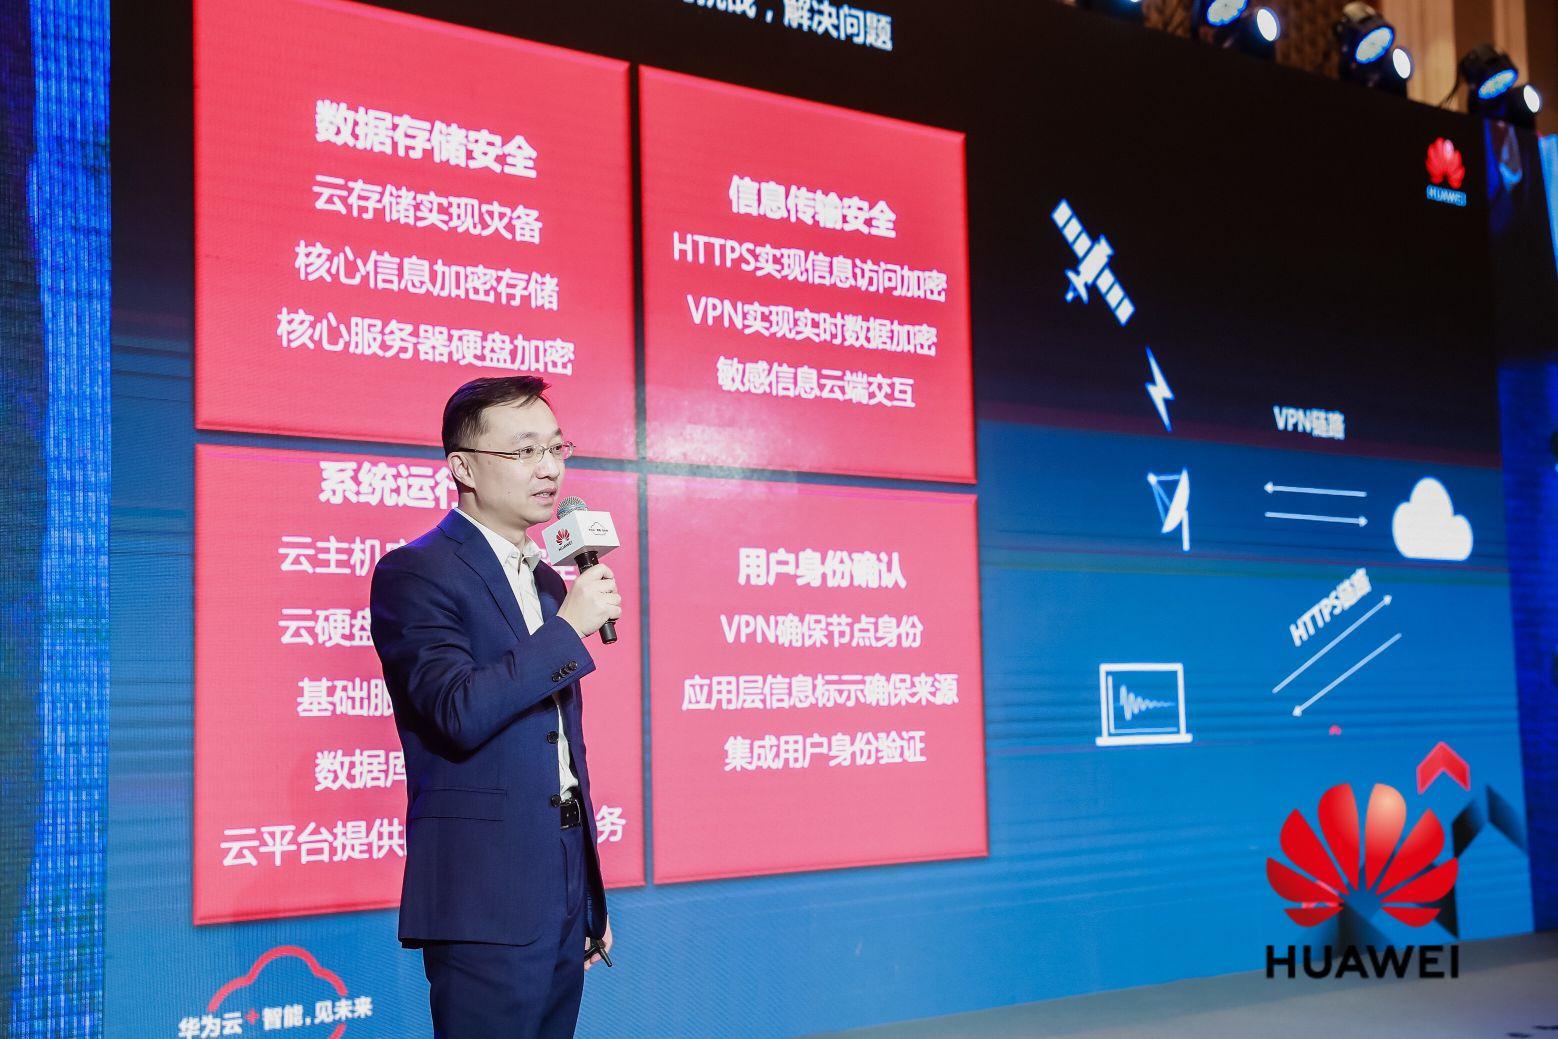 航天云立方:打破行业掣肘加速航天器产品开发,助力中国商业航天领跑